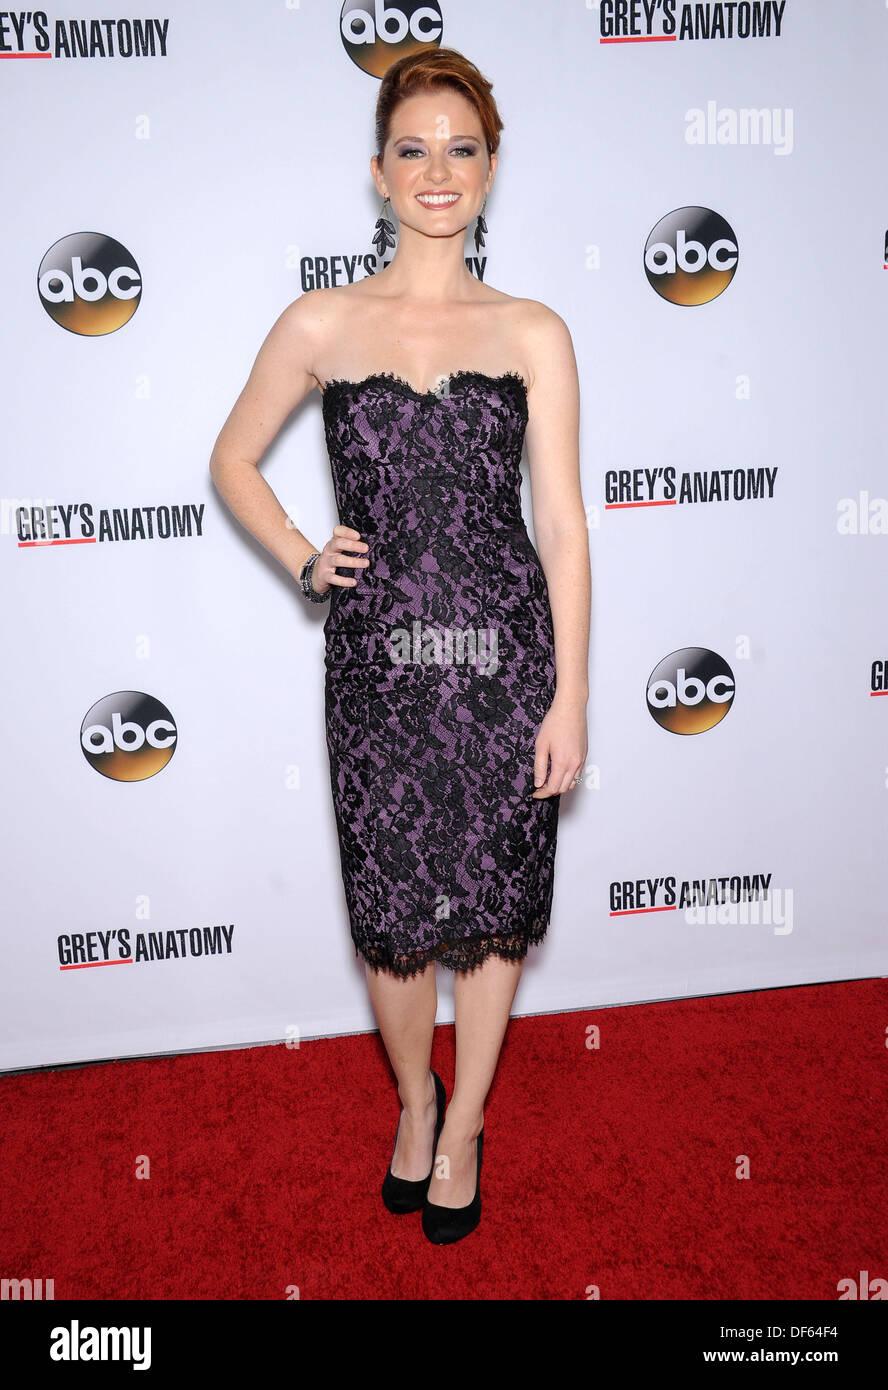 Hollywood, California, USA. 28th Sep, 2013. Sarah Drew arrives for ...